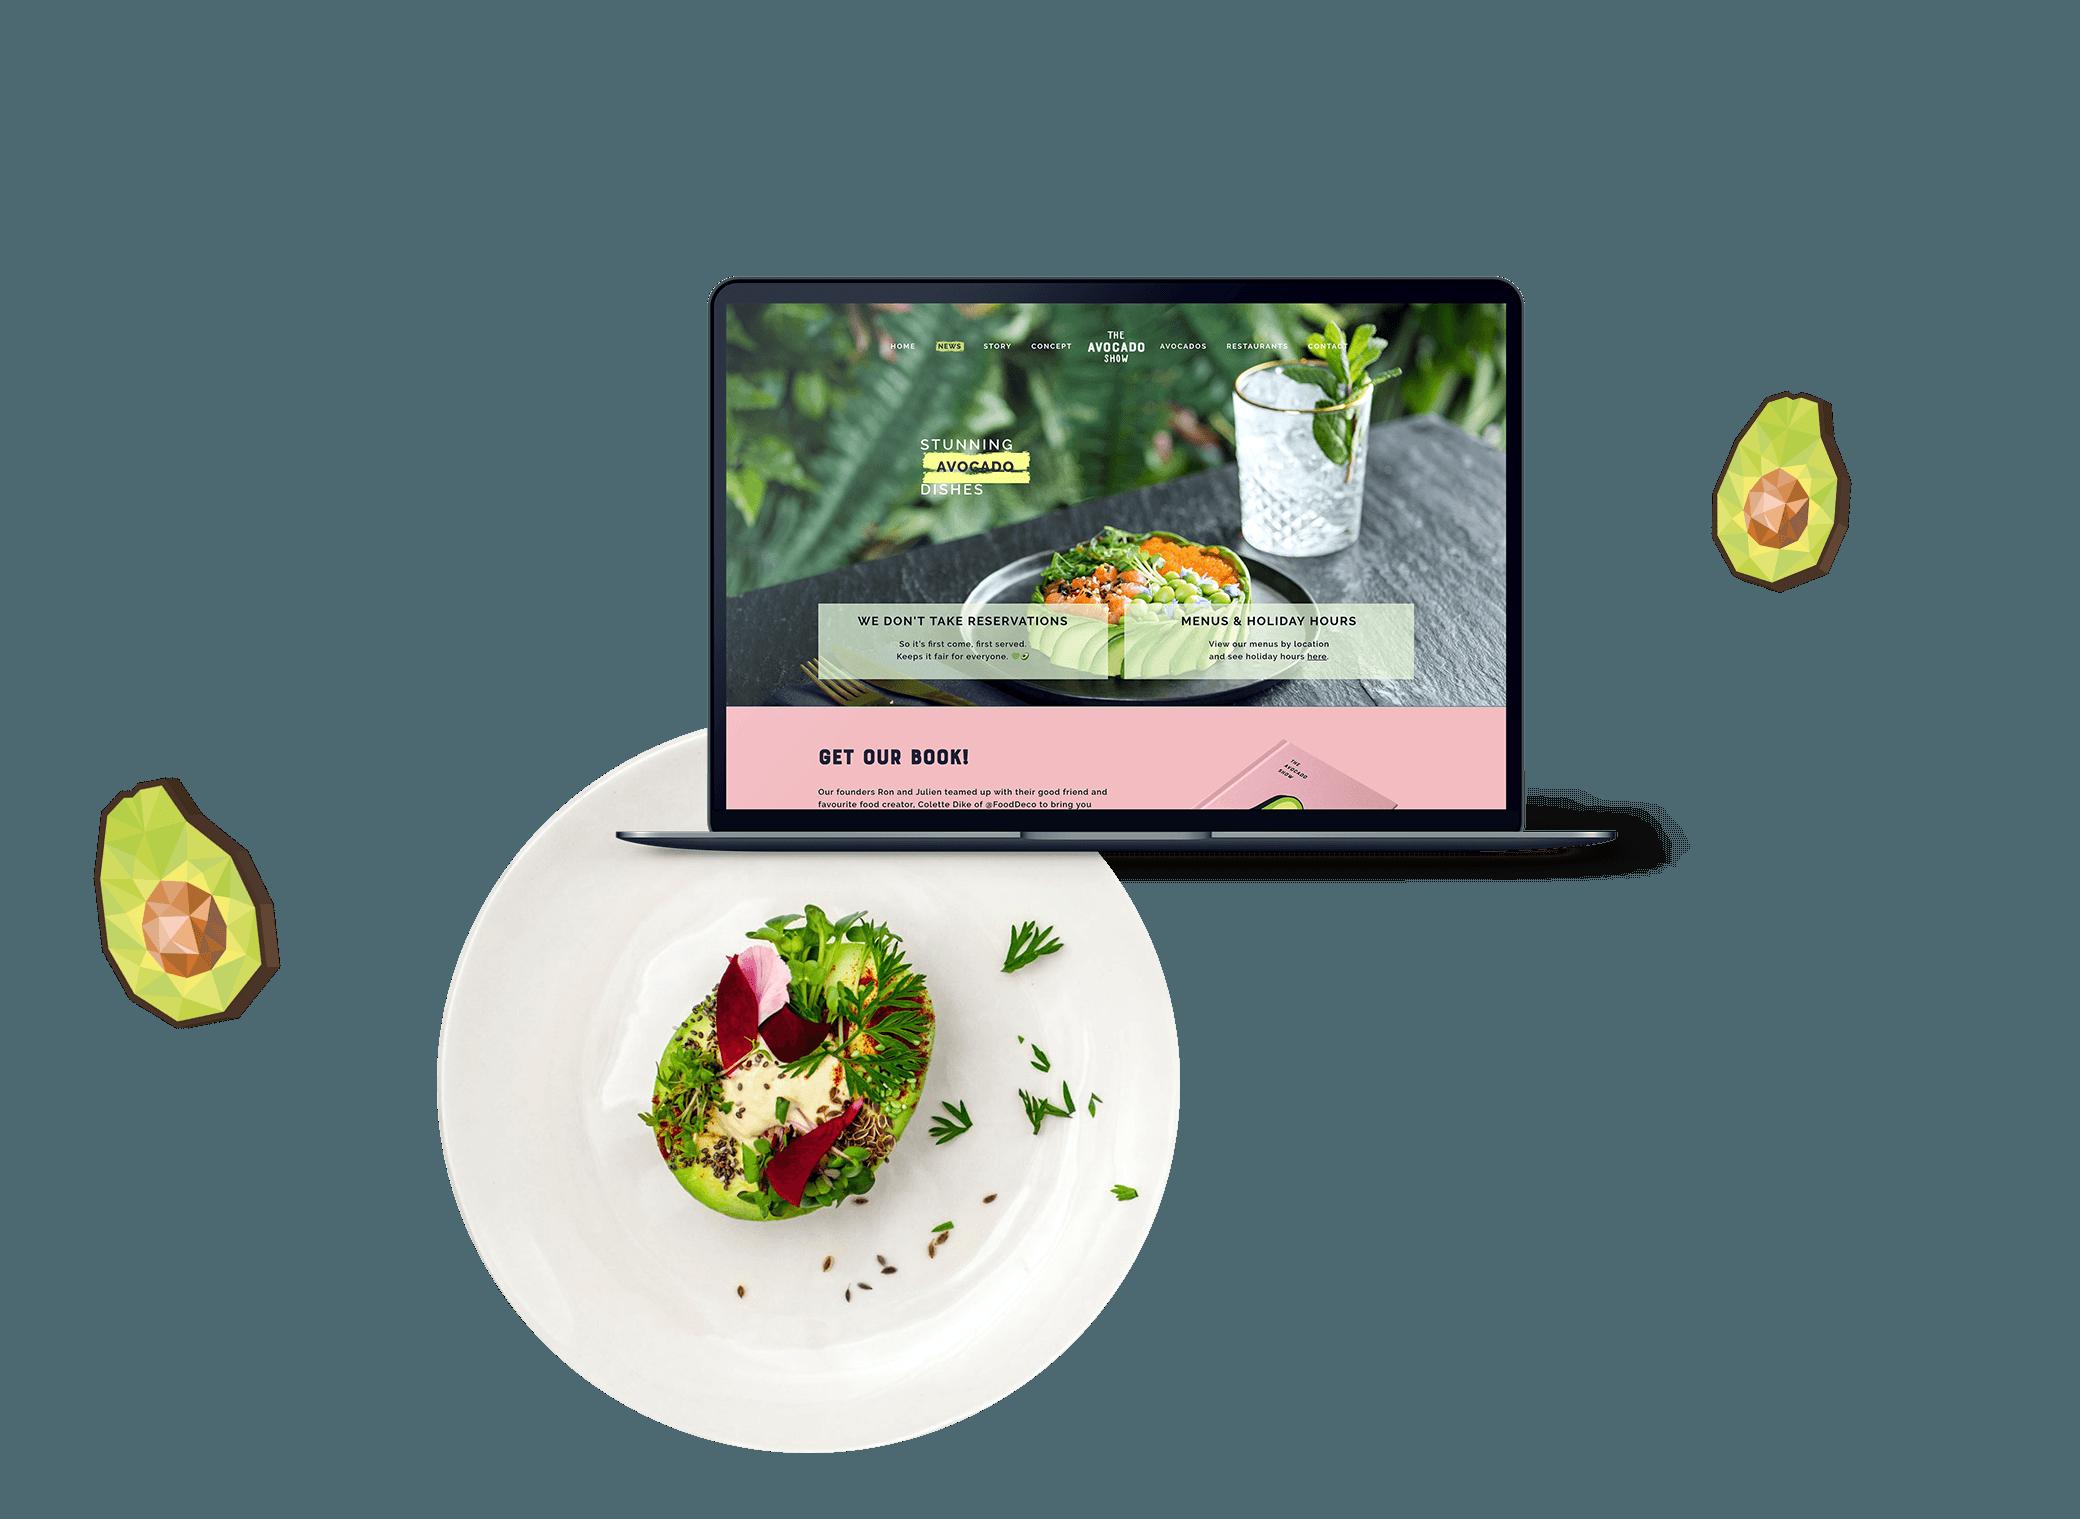 Gerecht van The Avocado Show op een bord, naast de website weergegeven op een MacBook